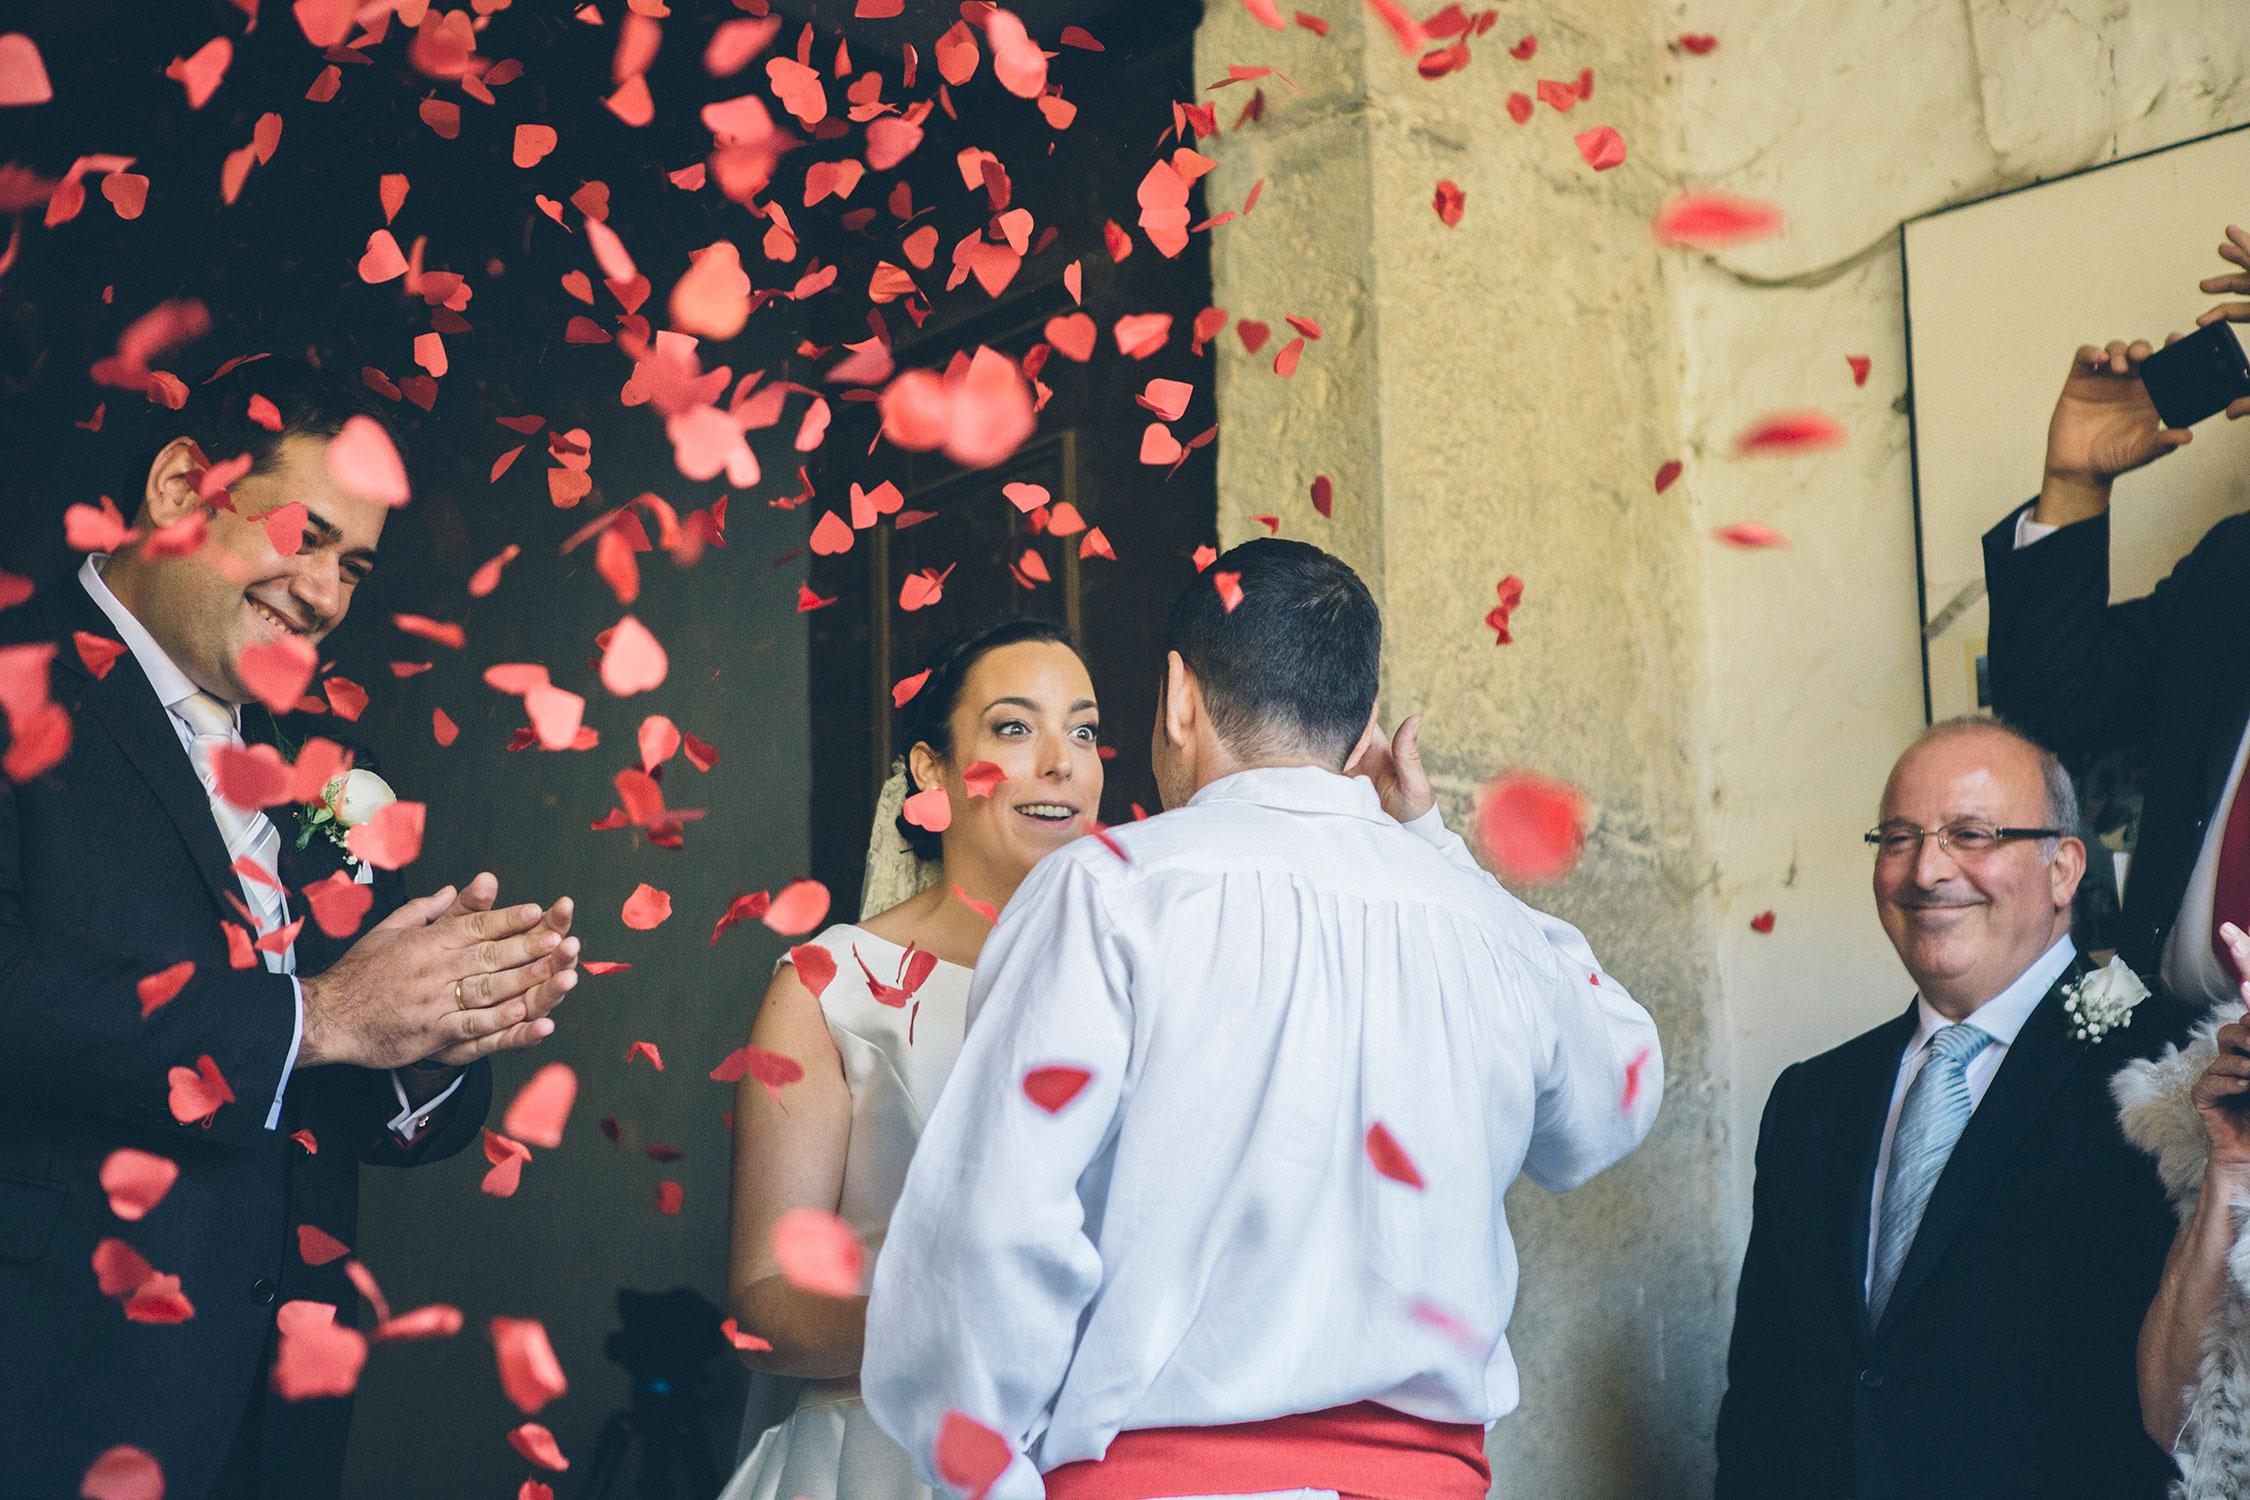 aurresku, boda en quejana organizada por Conmemora wedding planner